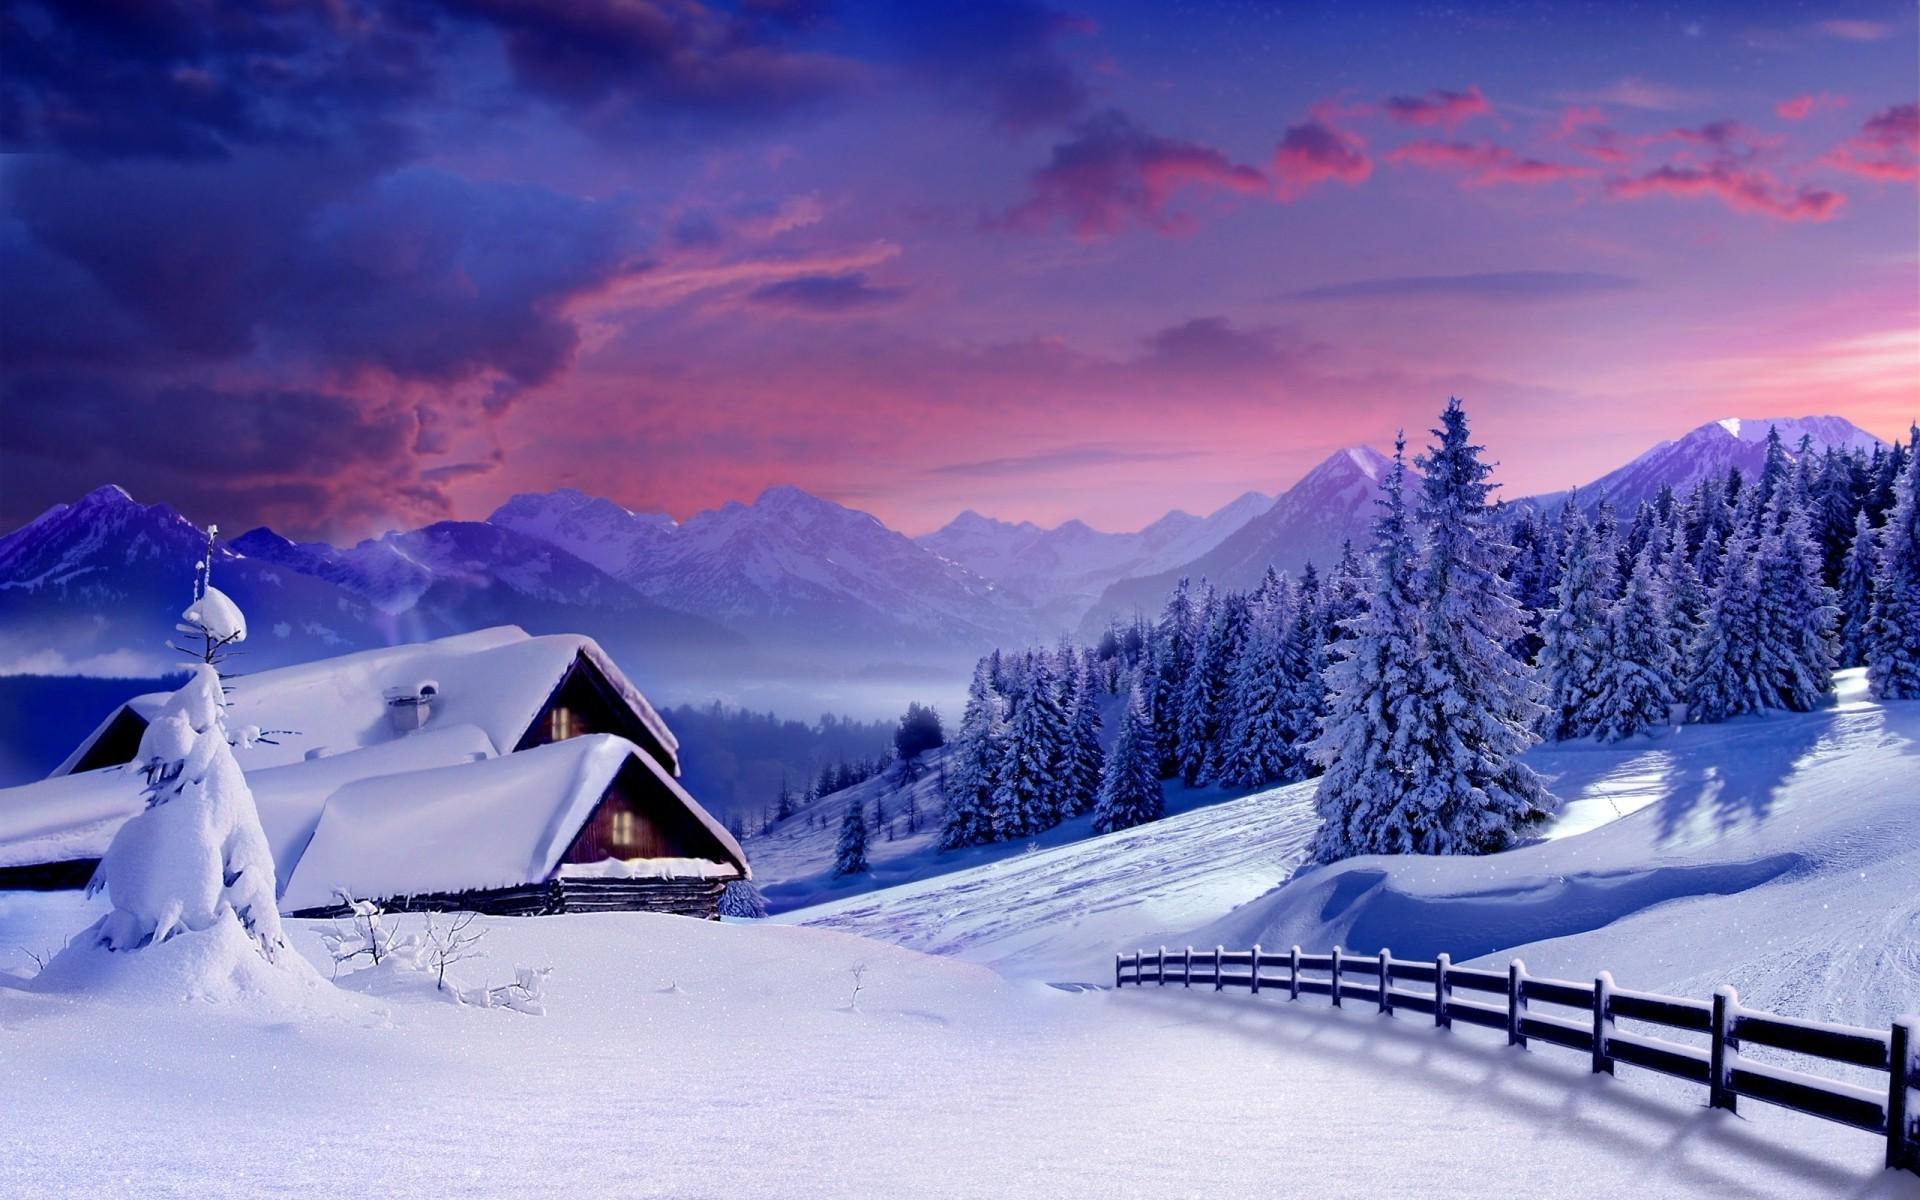 картинка снежные домики средние волосы можно